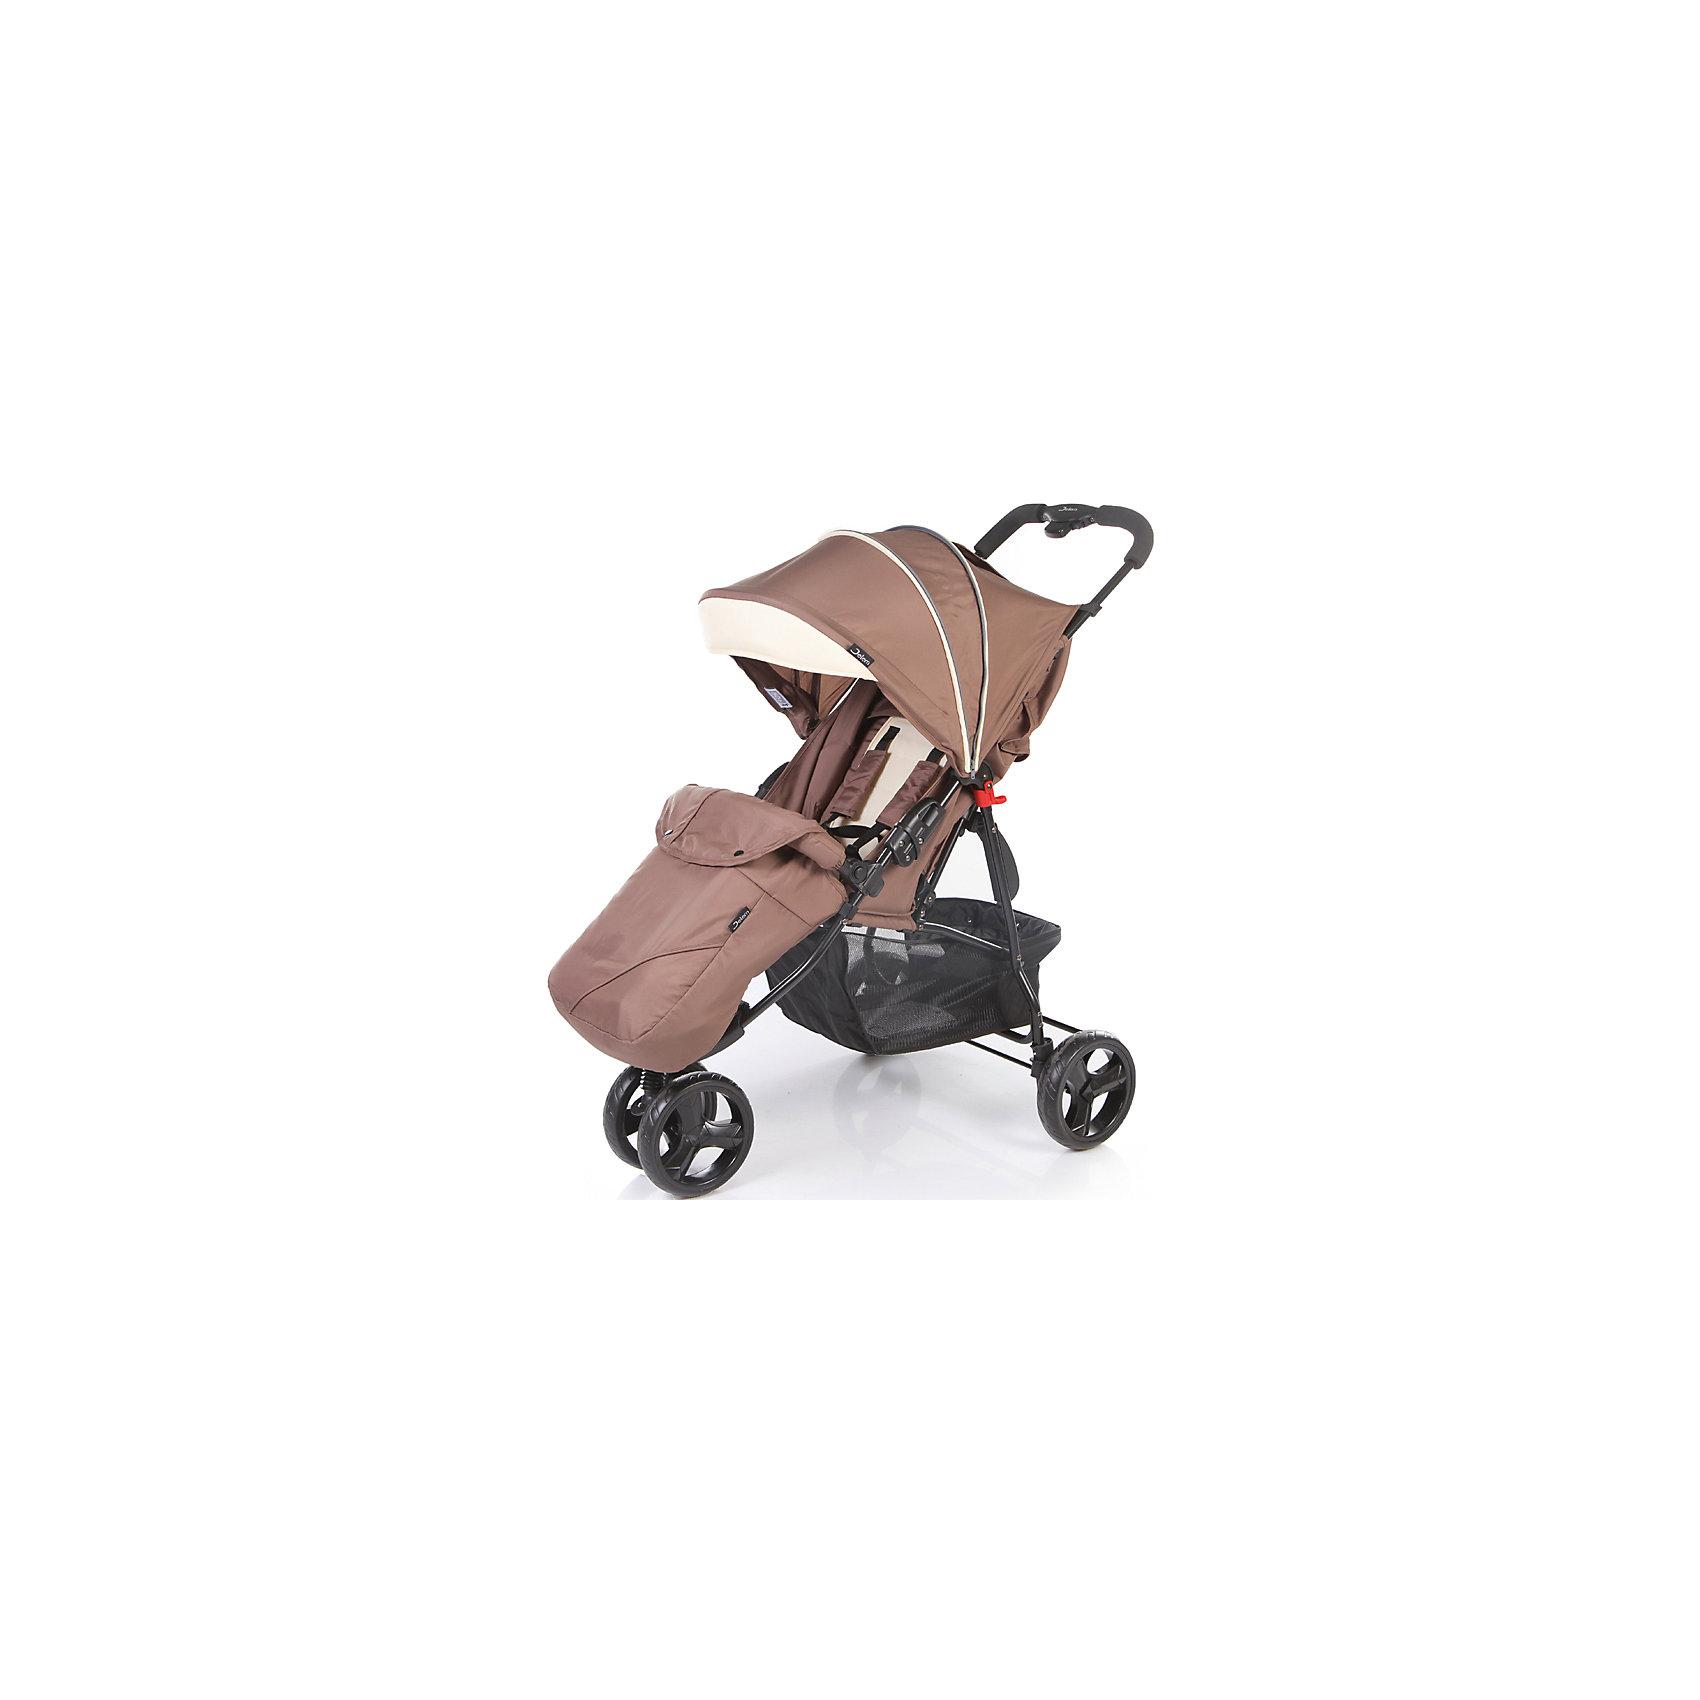 Jetem Прогулочная коляска Mira Lite, Jetem, коричневый/бежевый коляска прогулочная jetem uno brown 16